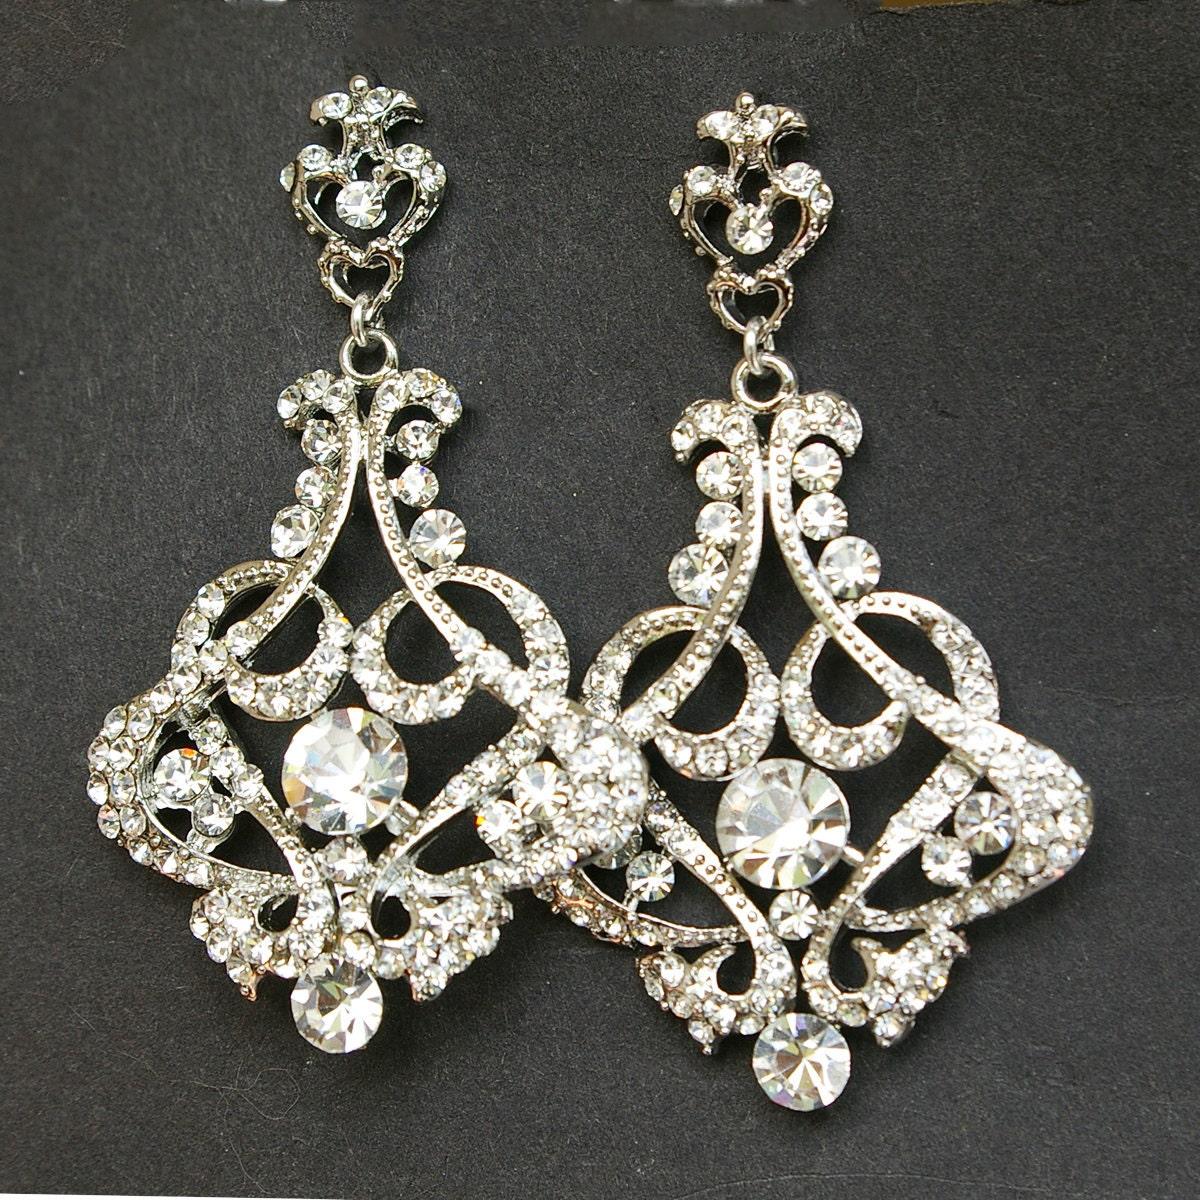 Vintage Style Earrings: Crystal Chandelier Bridal Earrings Vintage Style By Luxedeluxe